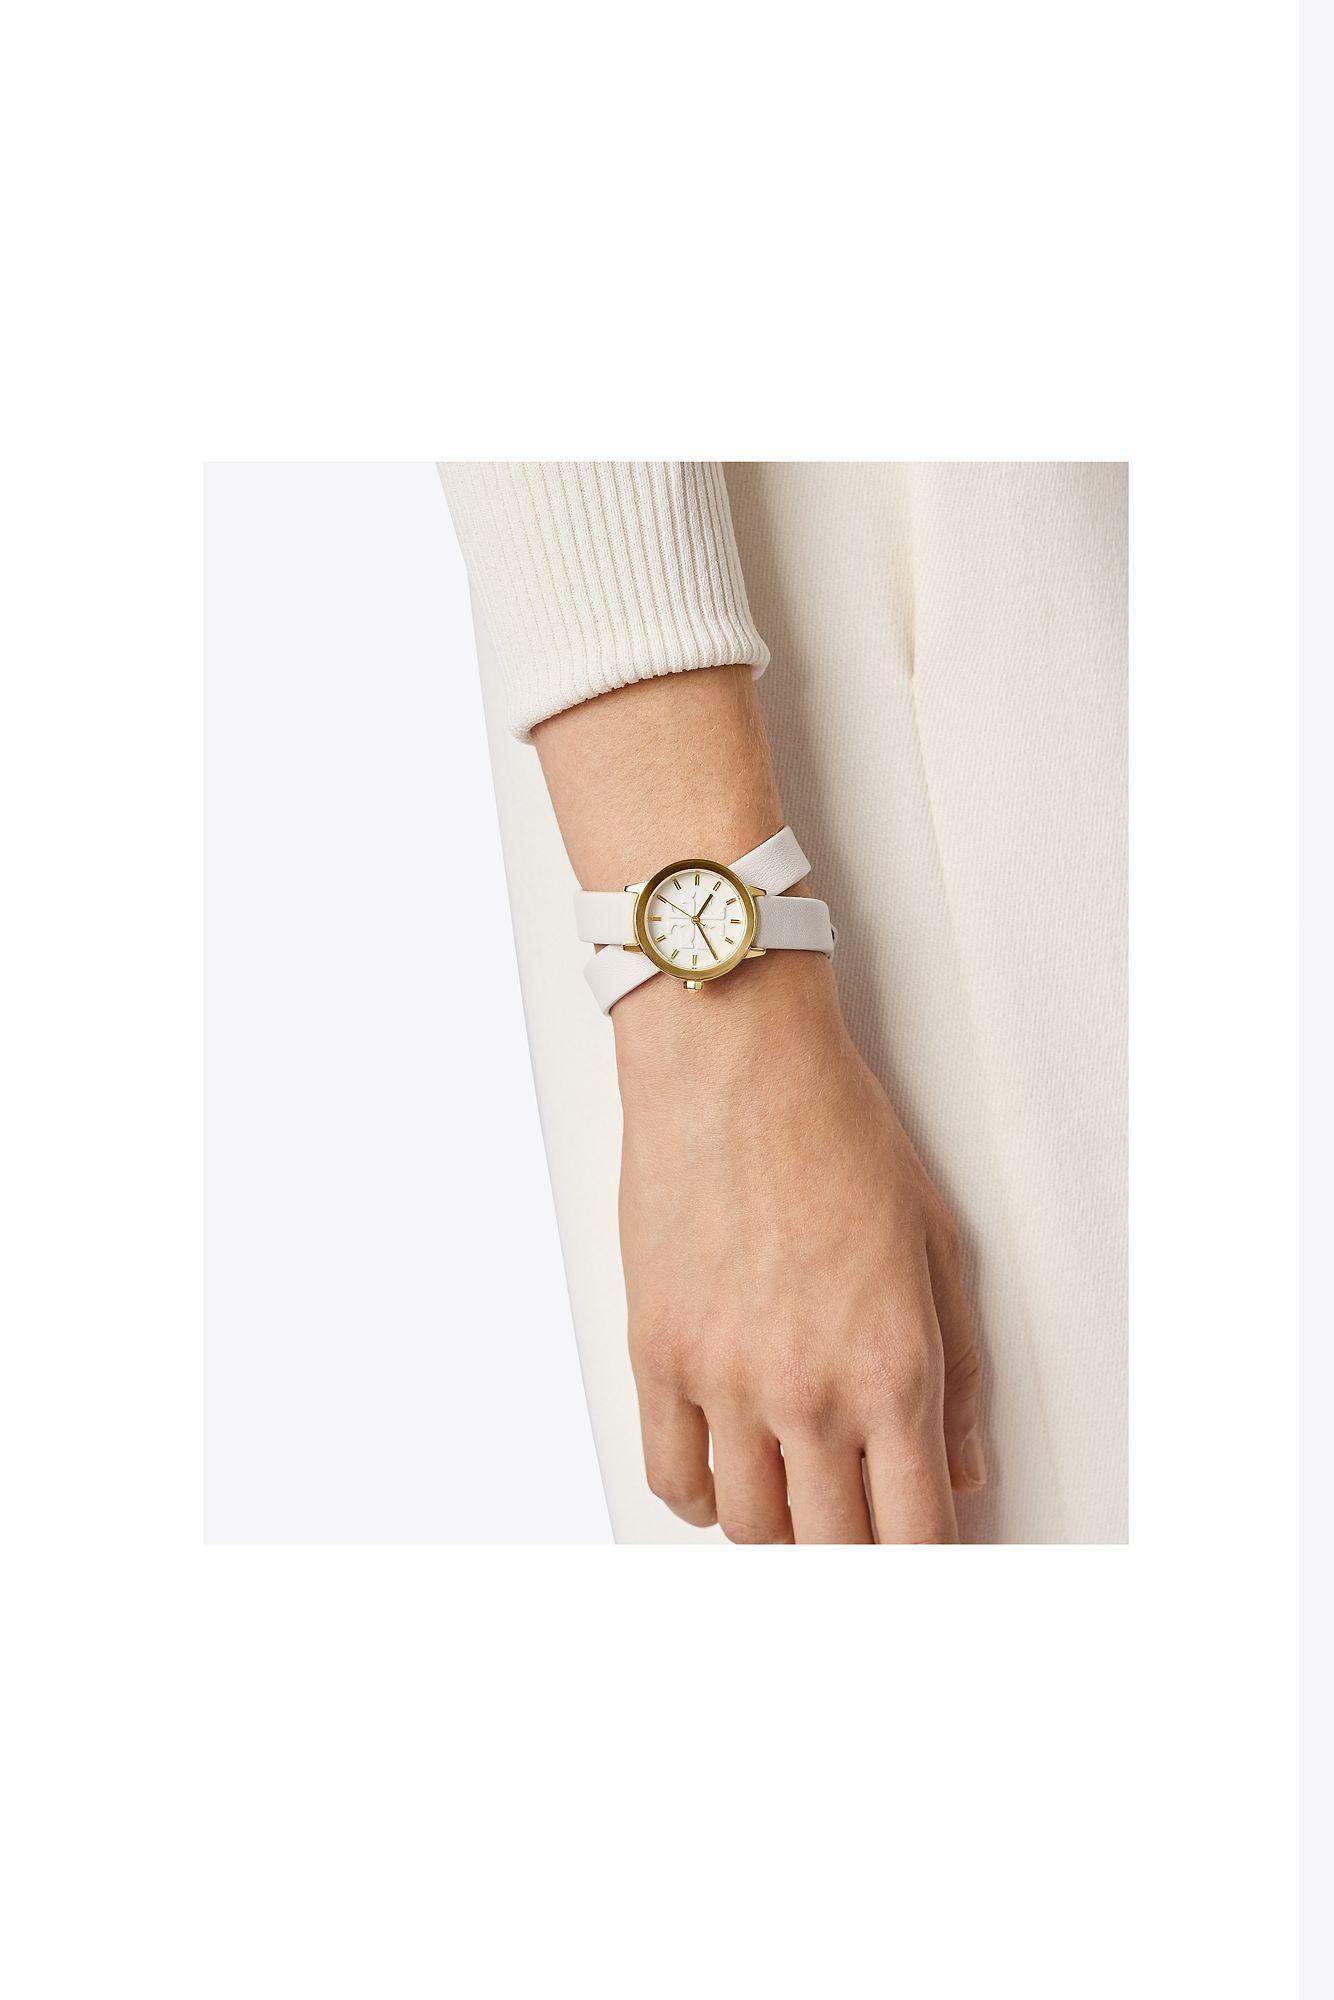 Tory Burch Gigi Double Wrap Watch